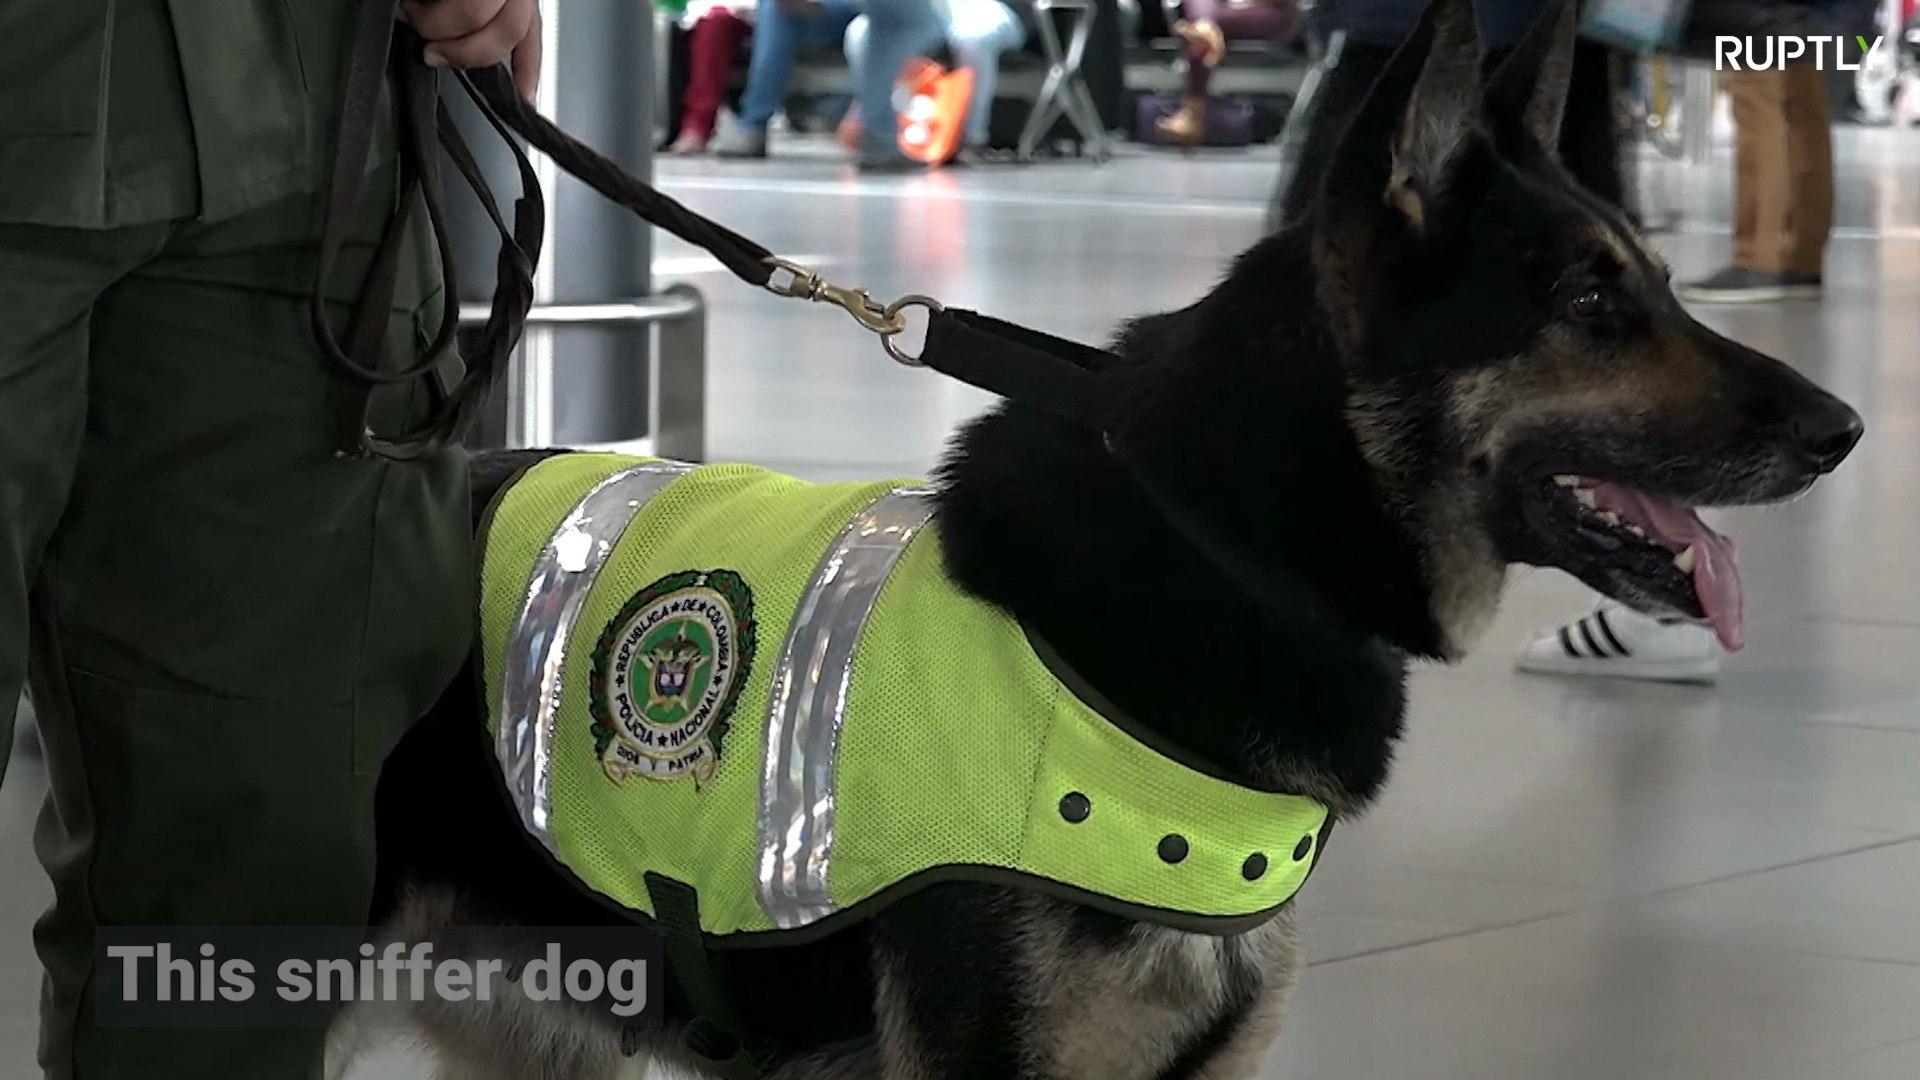 Cartel de drogas põe cabeça de cachorra farejadora a prêmio